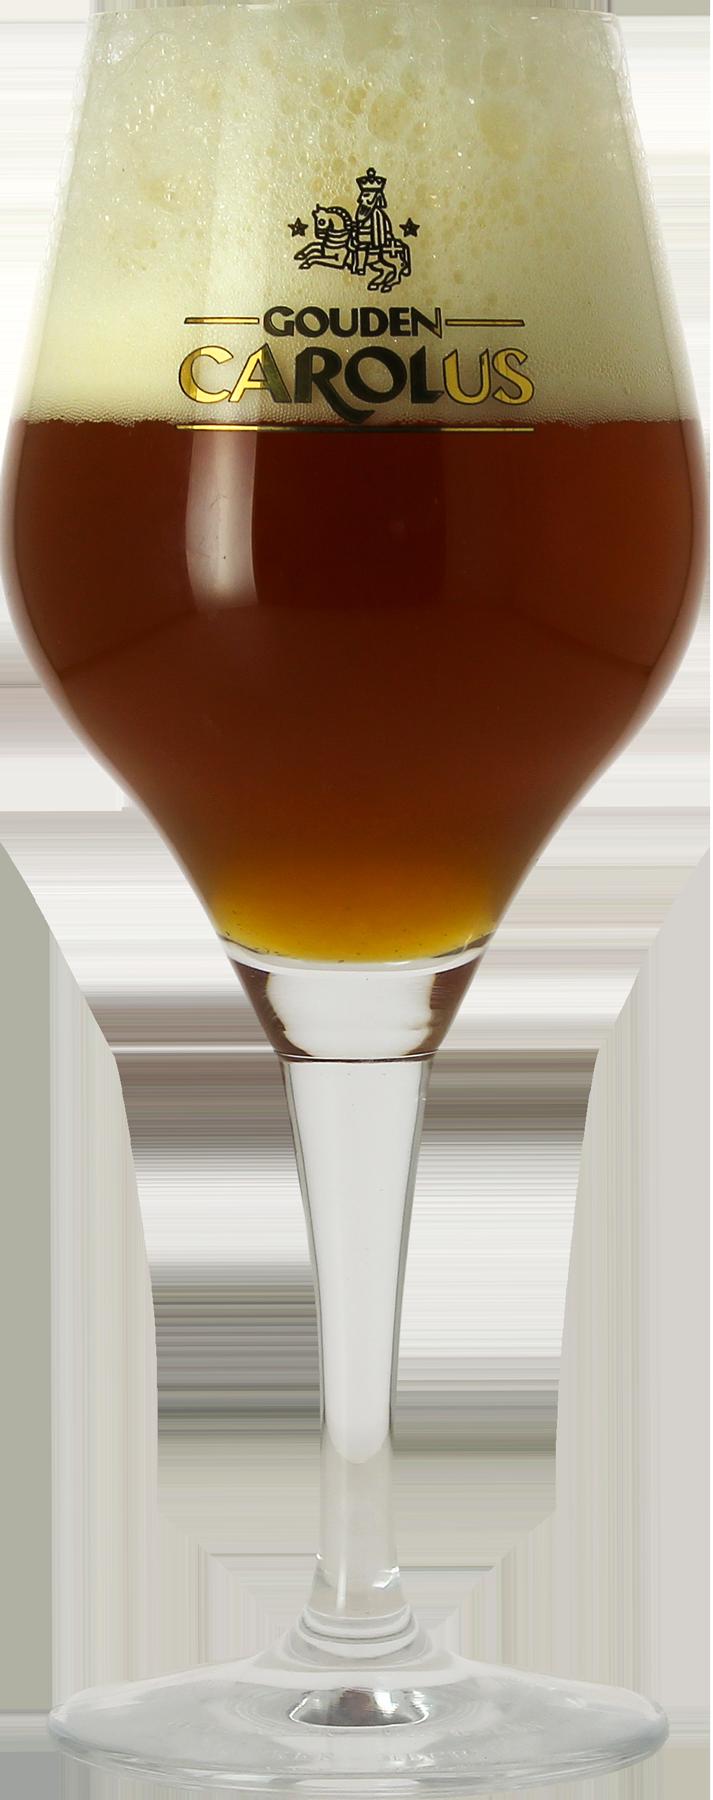 Copa de cerveza Gouden Carolus ballon -  33 cl